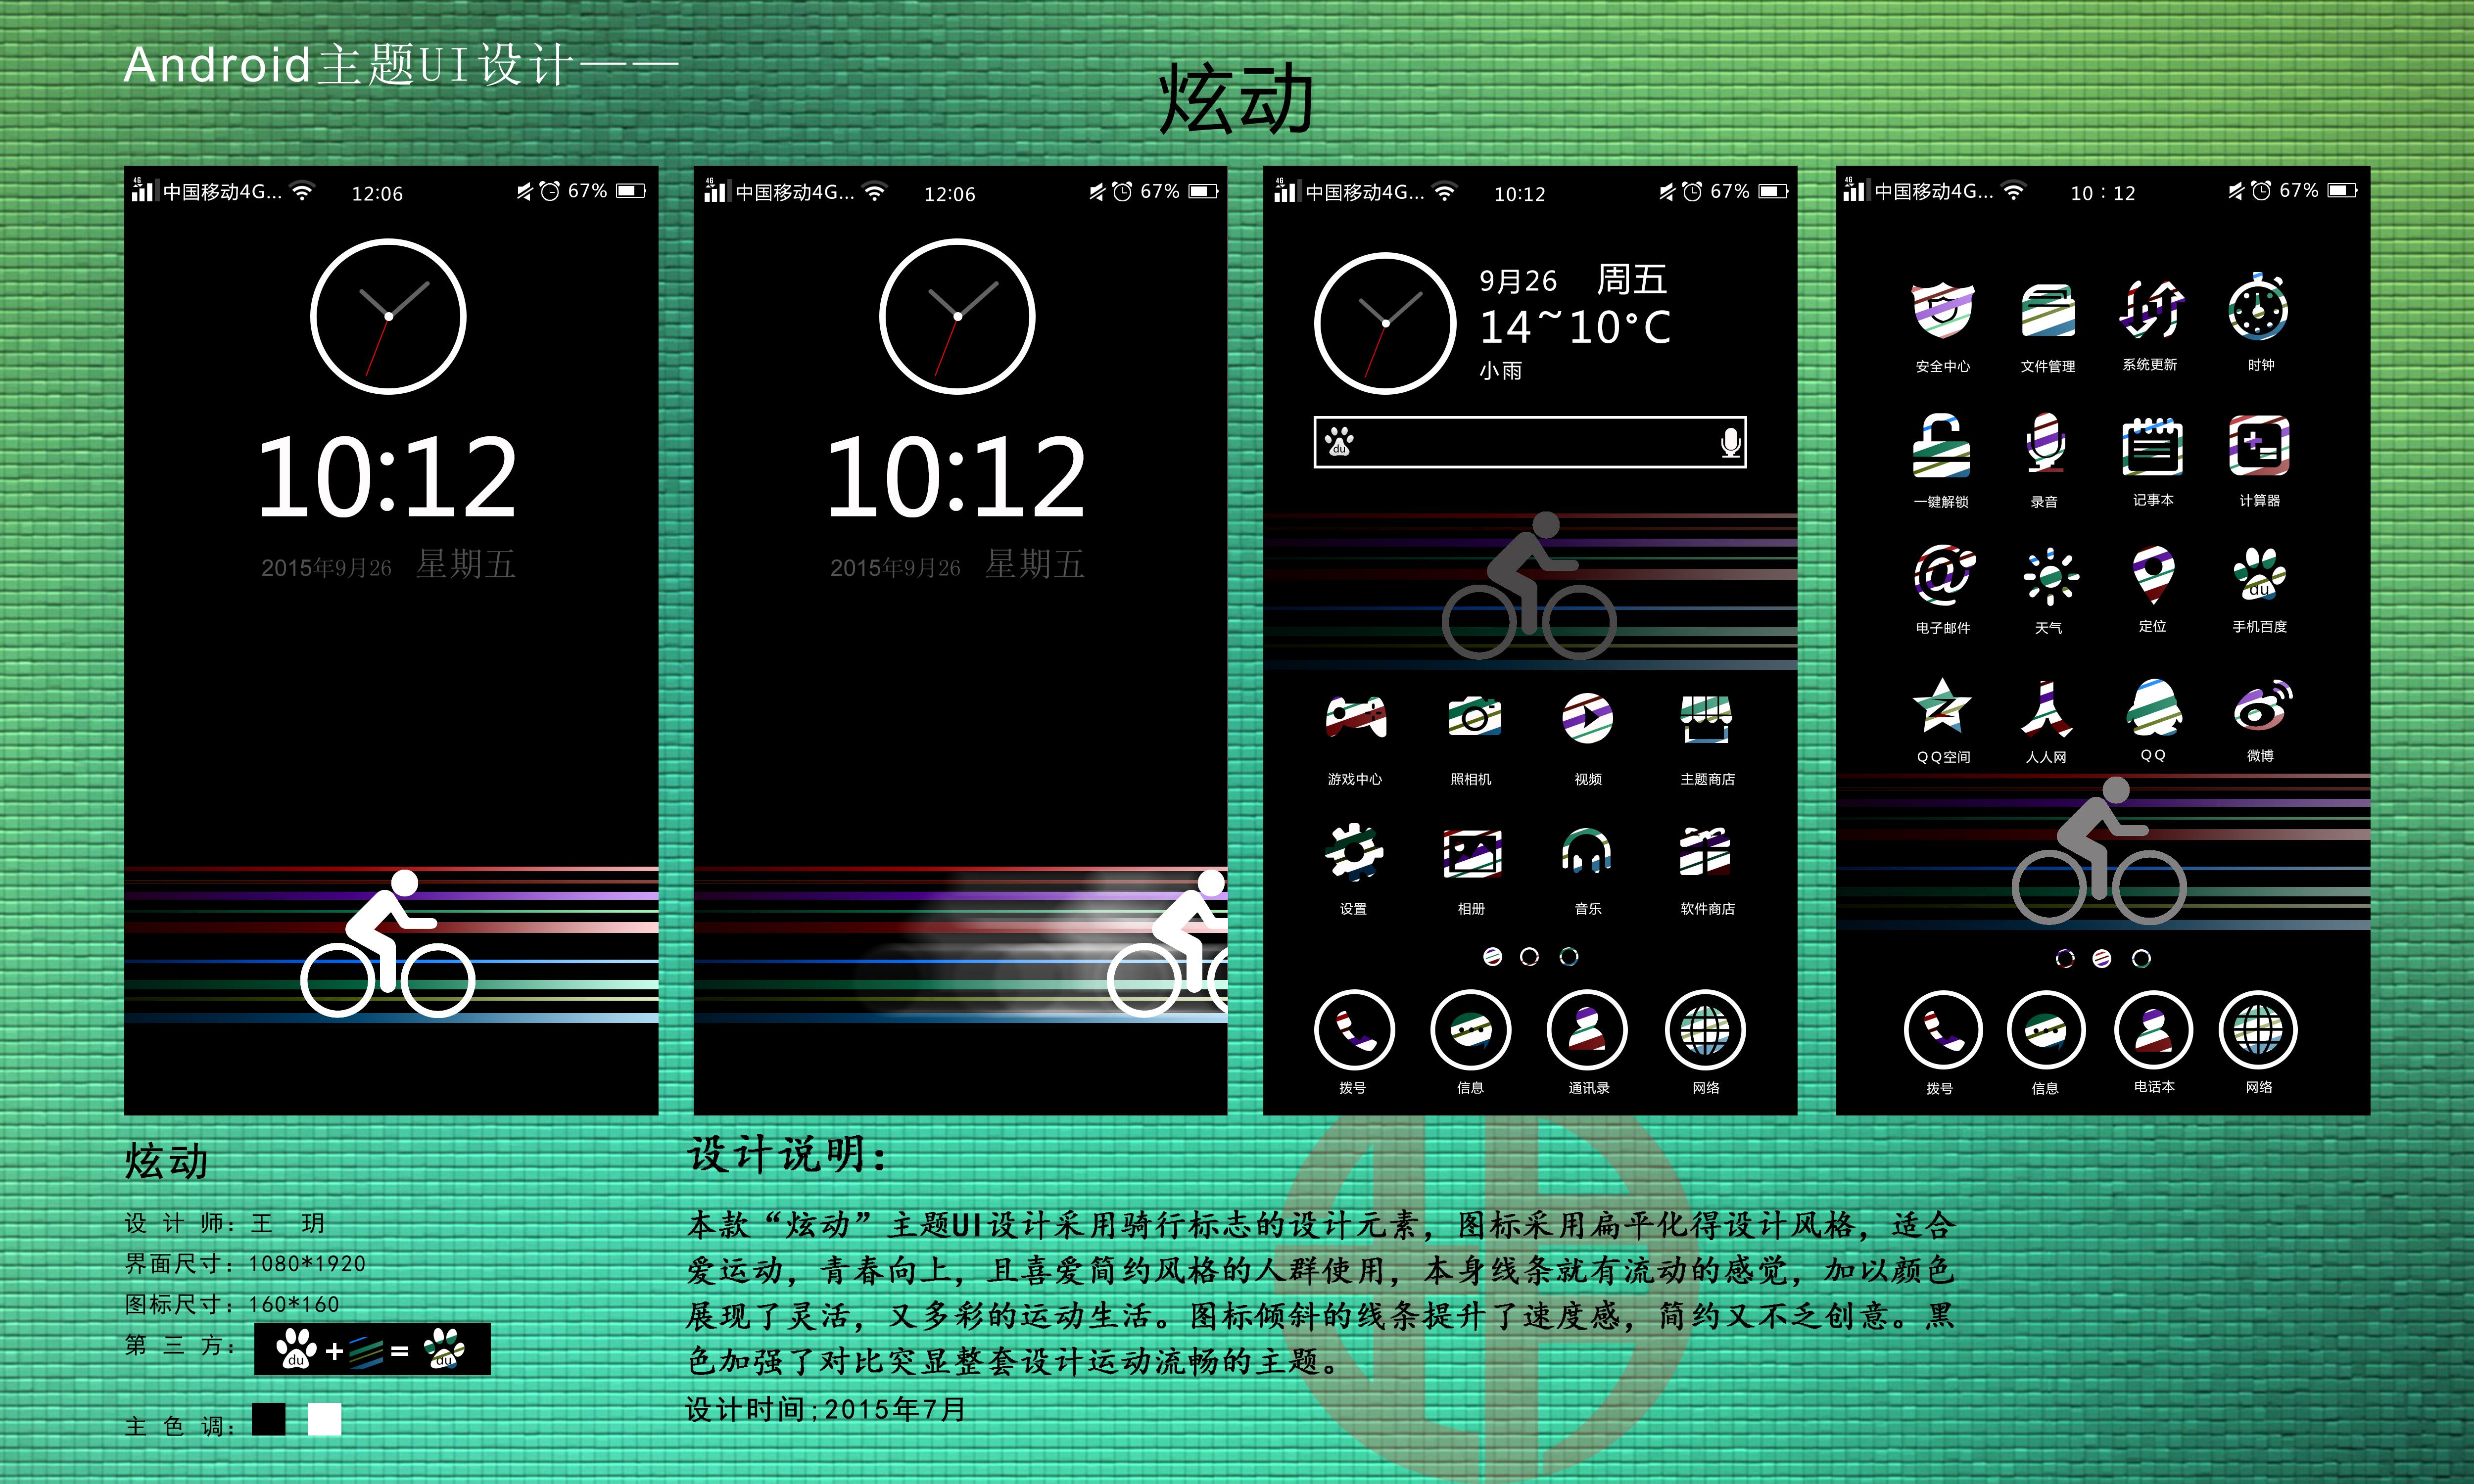 安卓手机主题壁纸_安卓手机主题设计